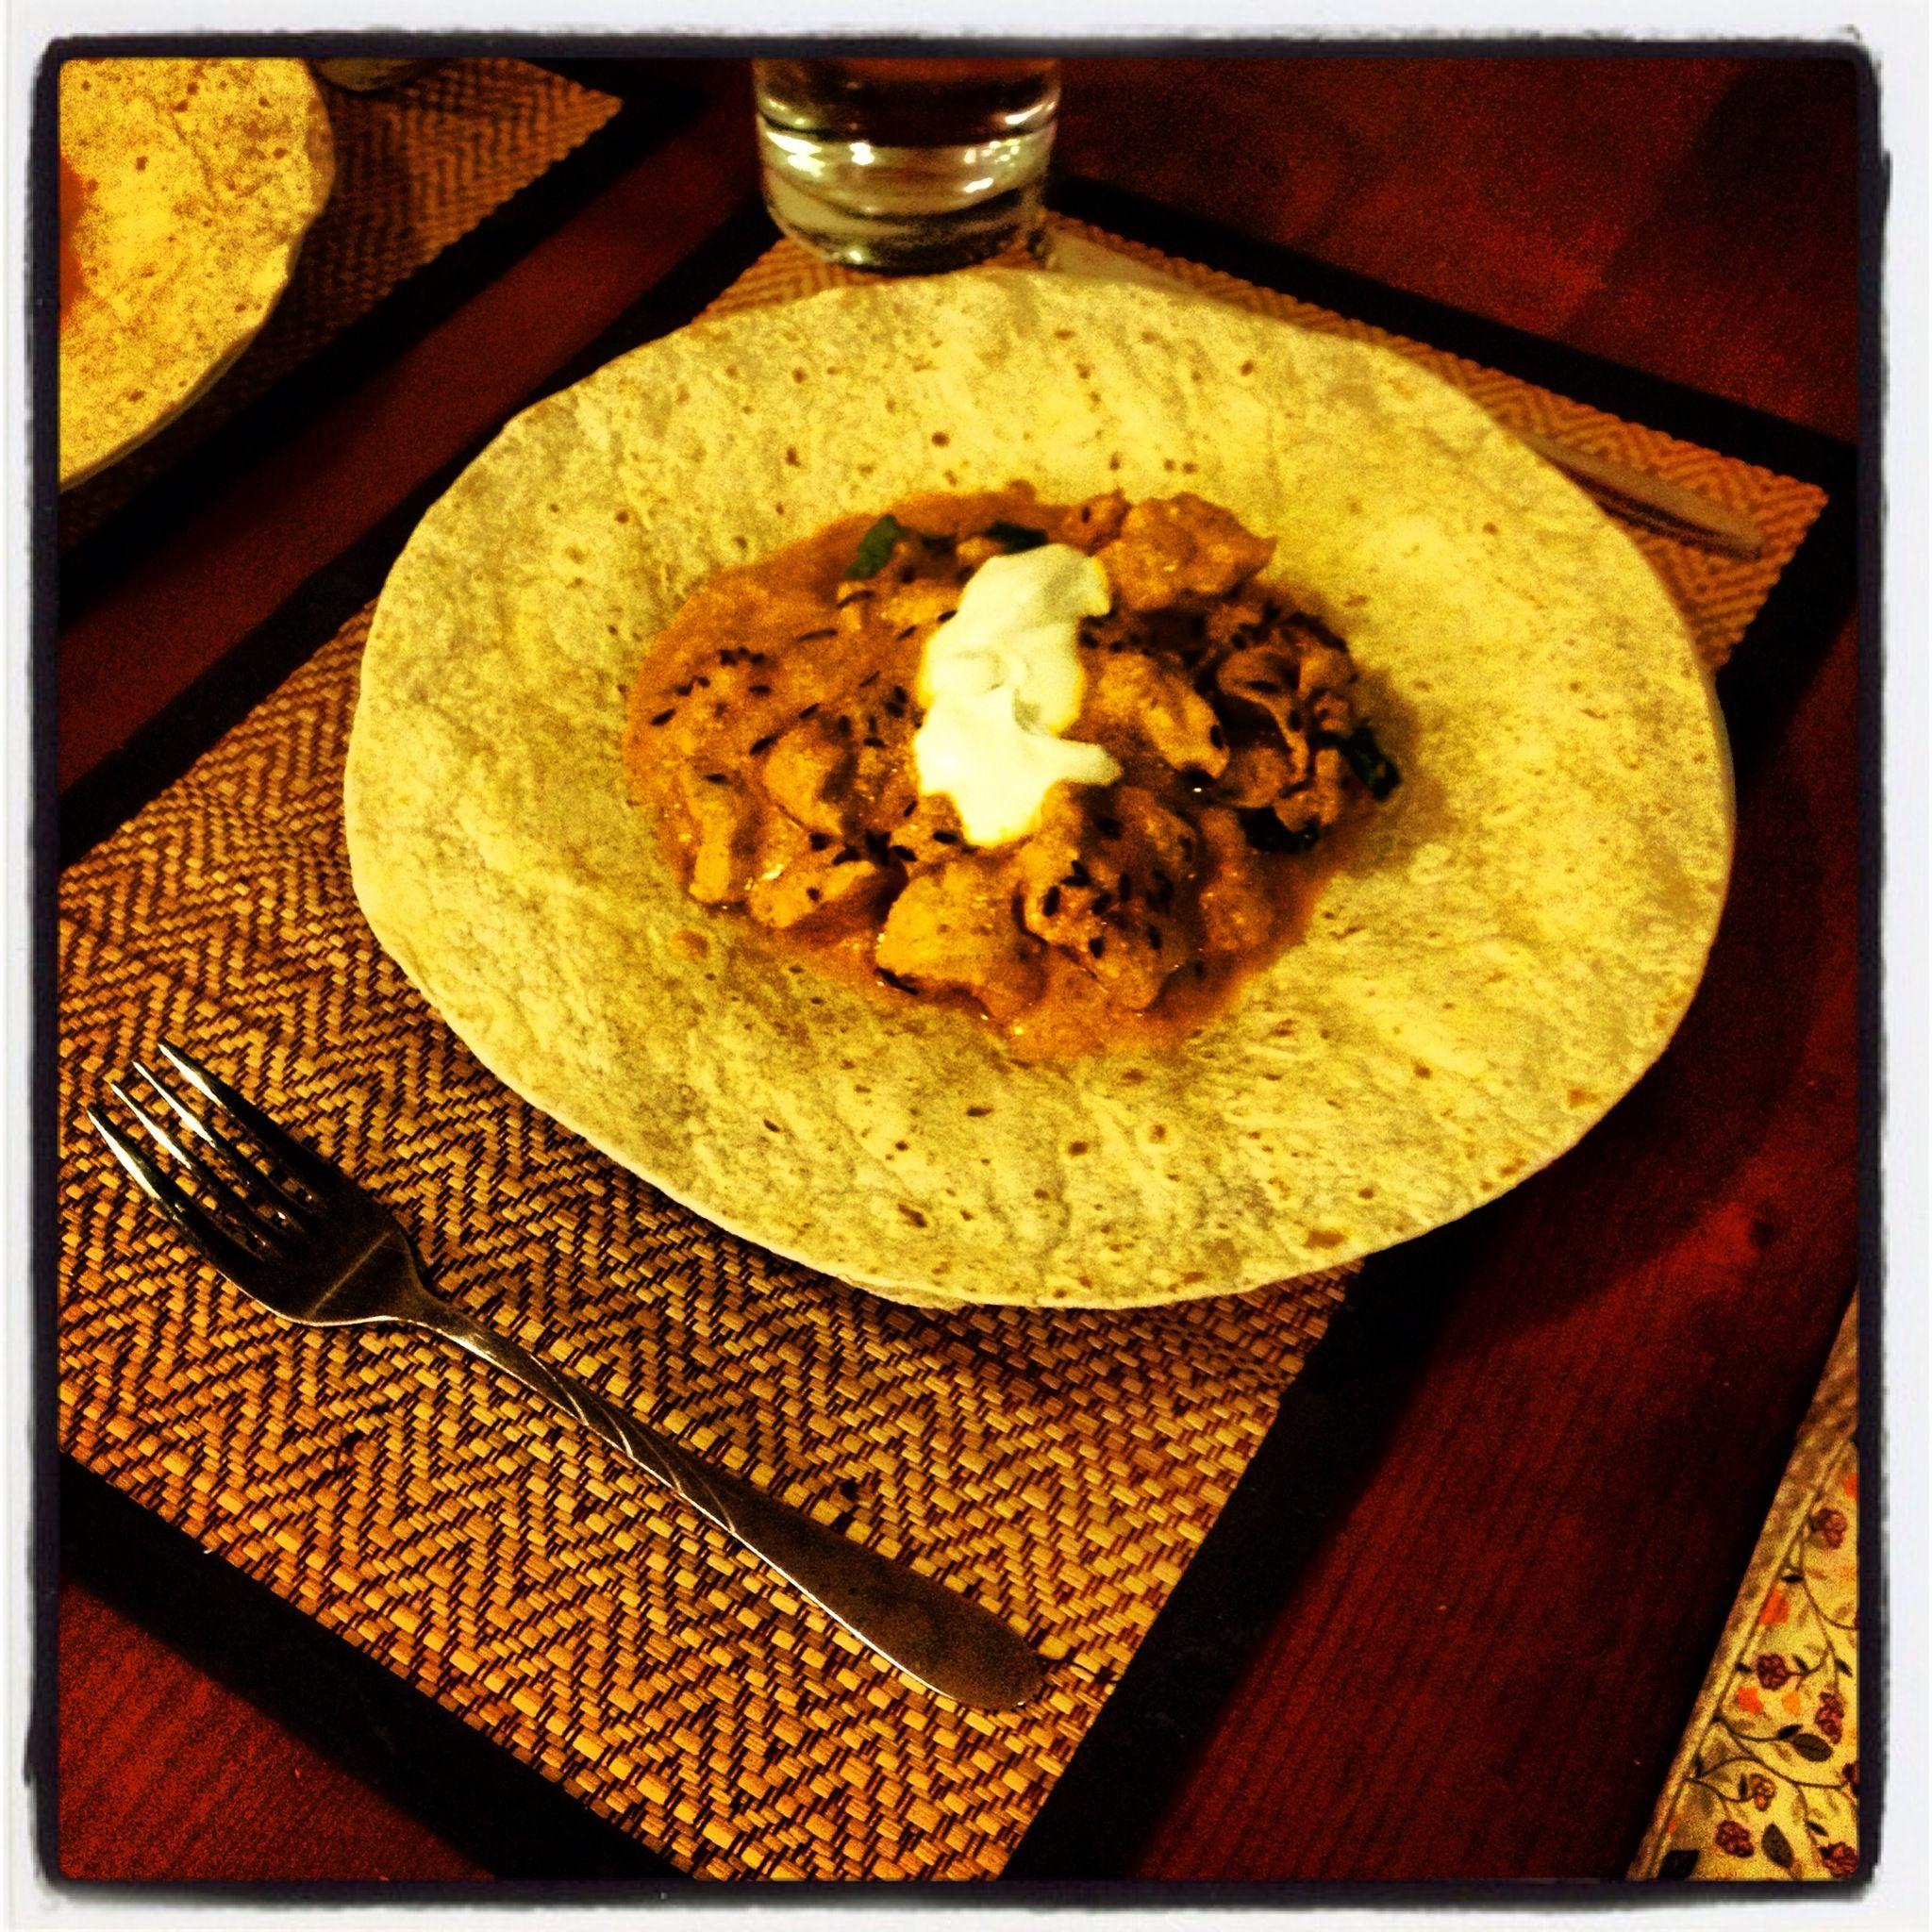 Home made Chicken Tikka Masala!